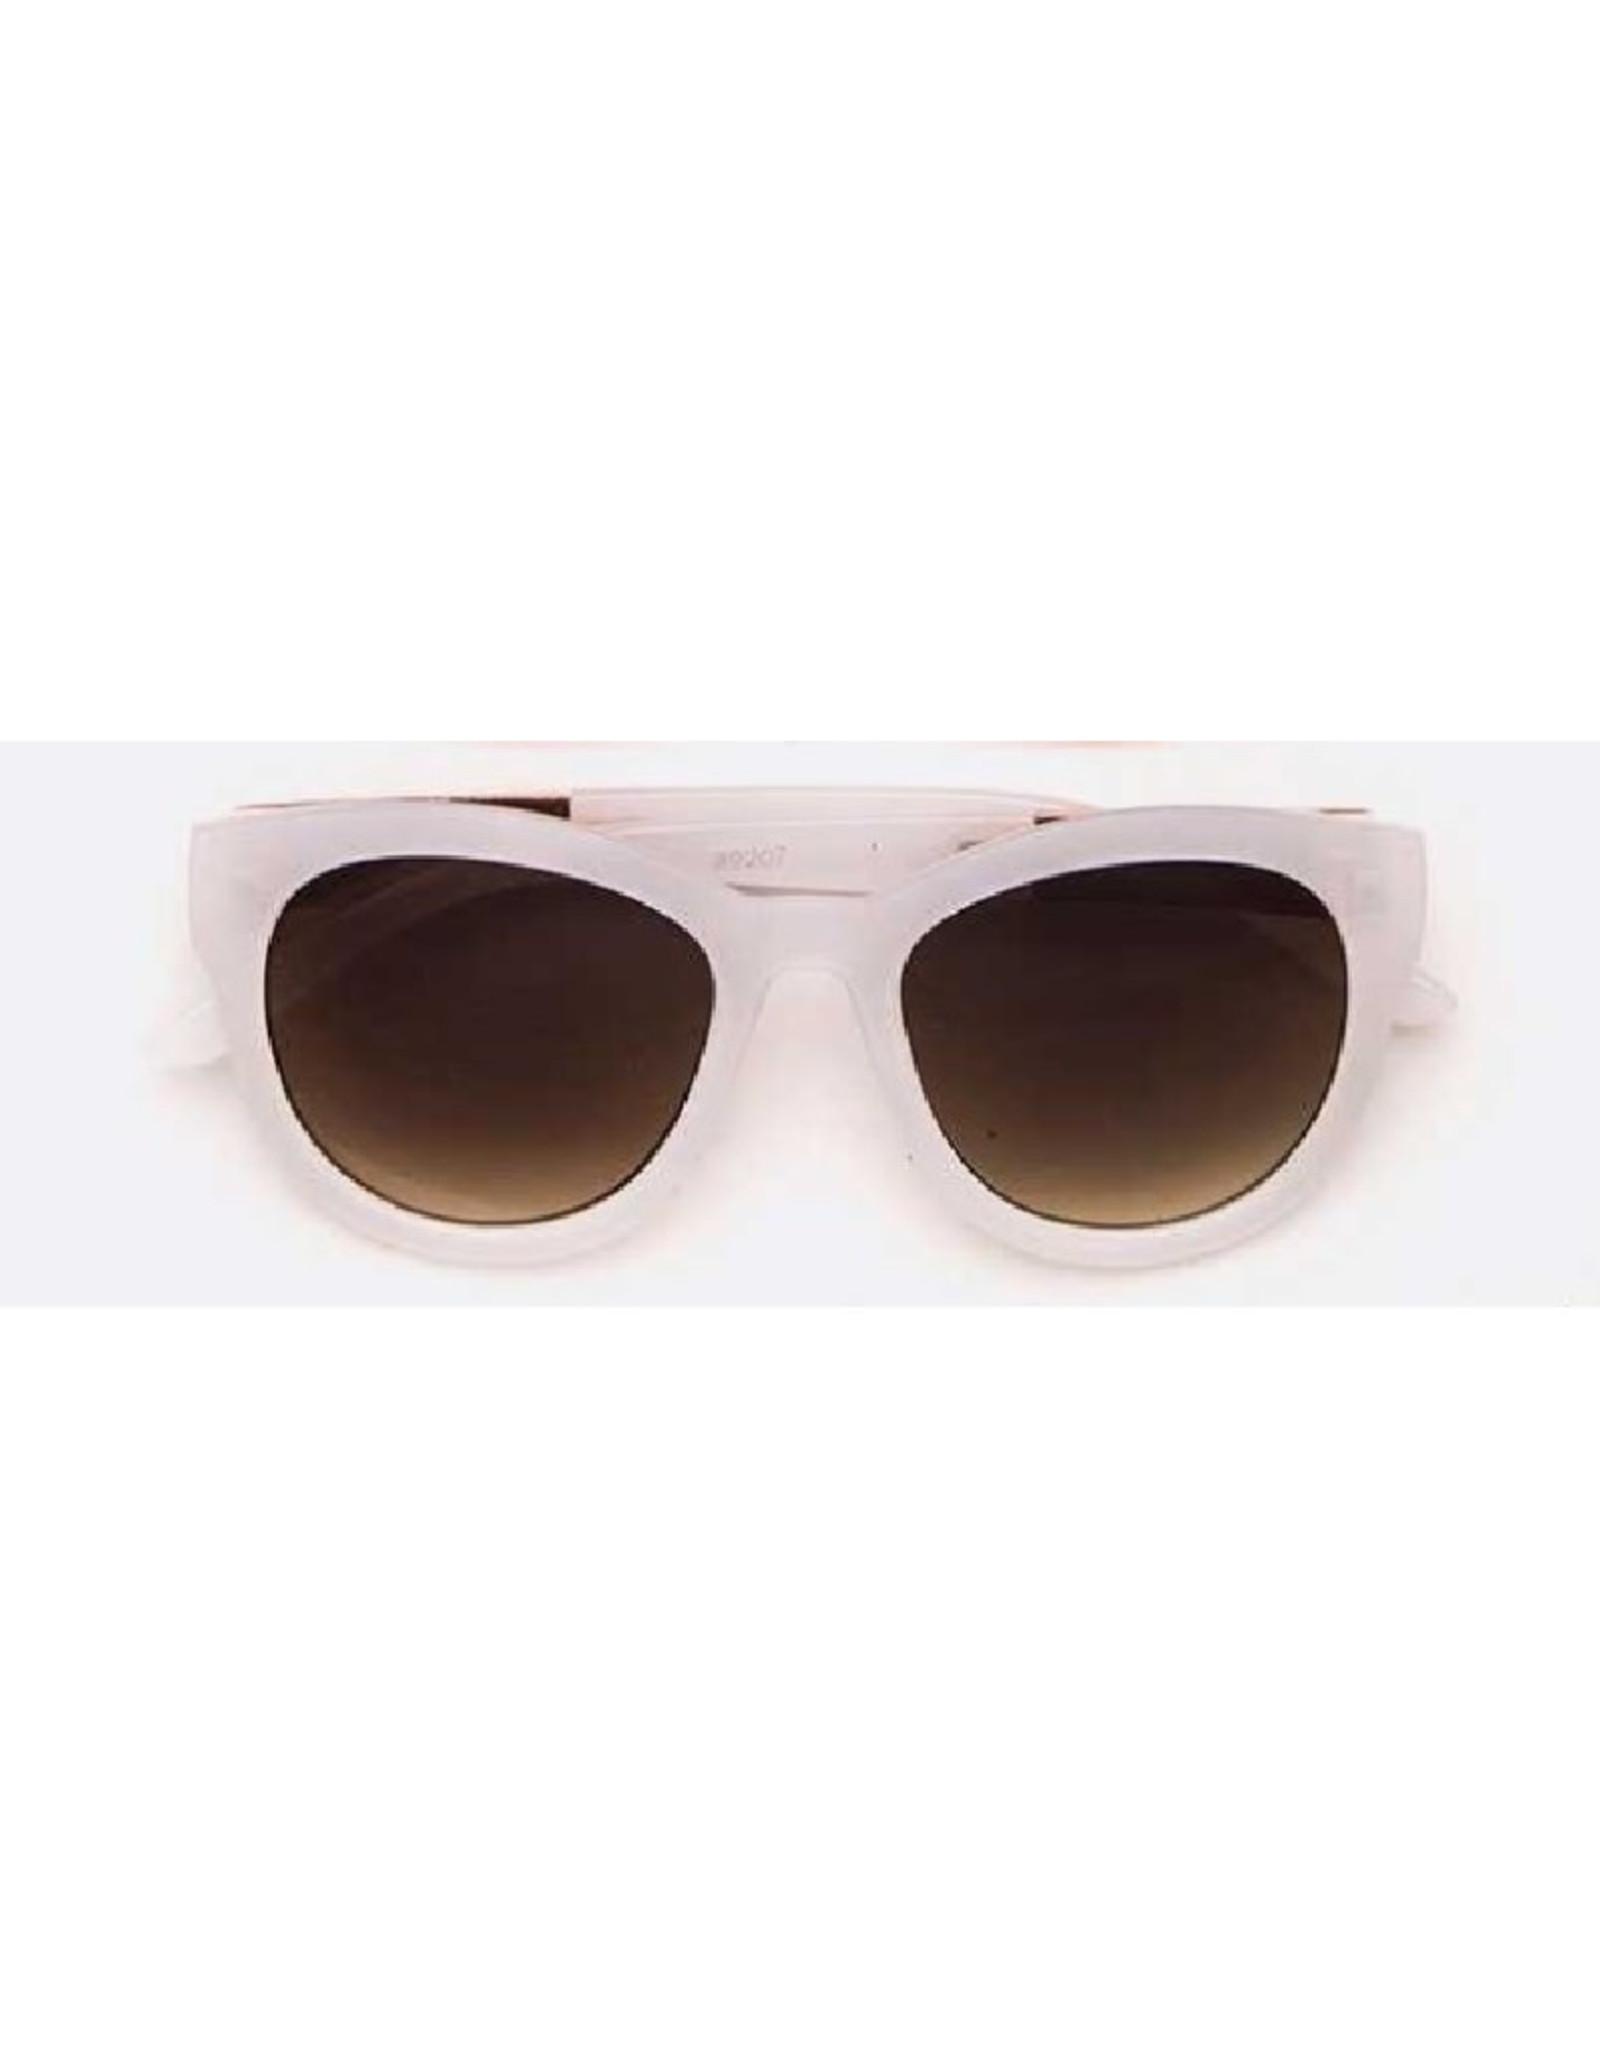 Sunglasses - White Frame